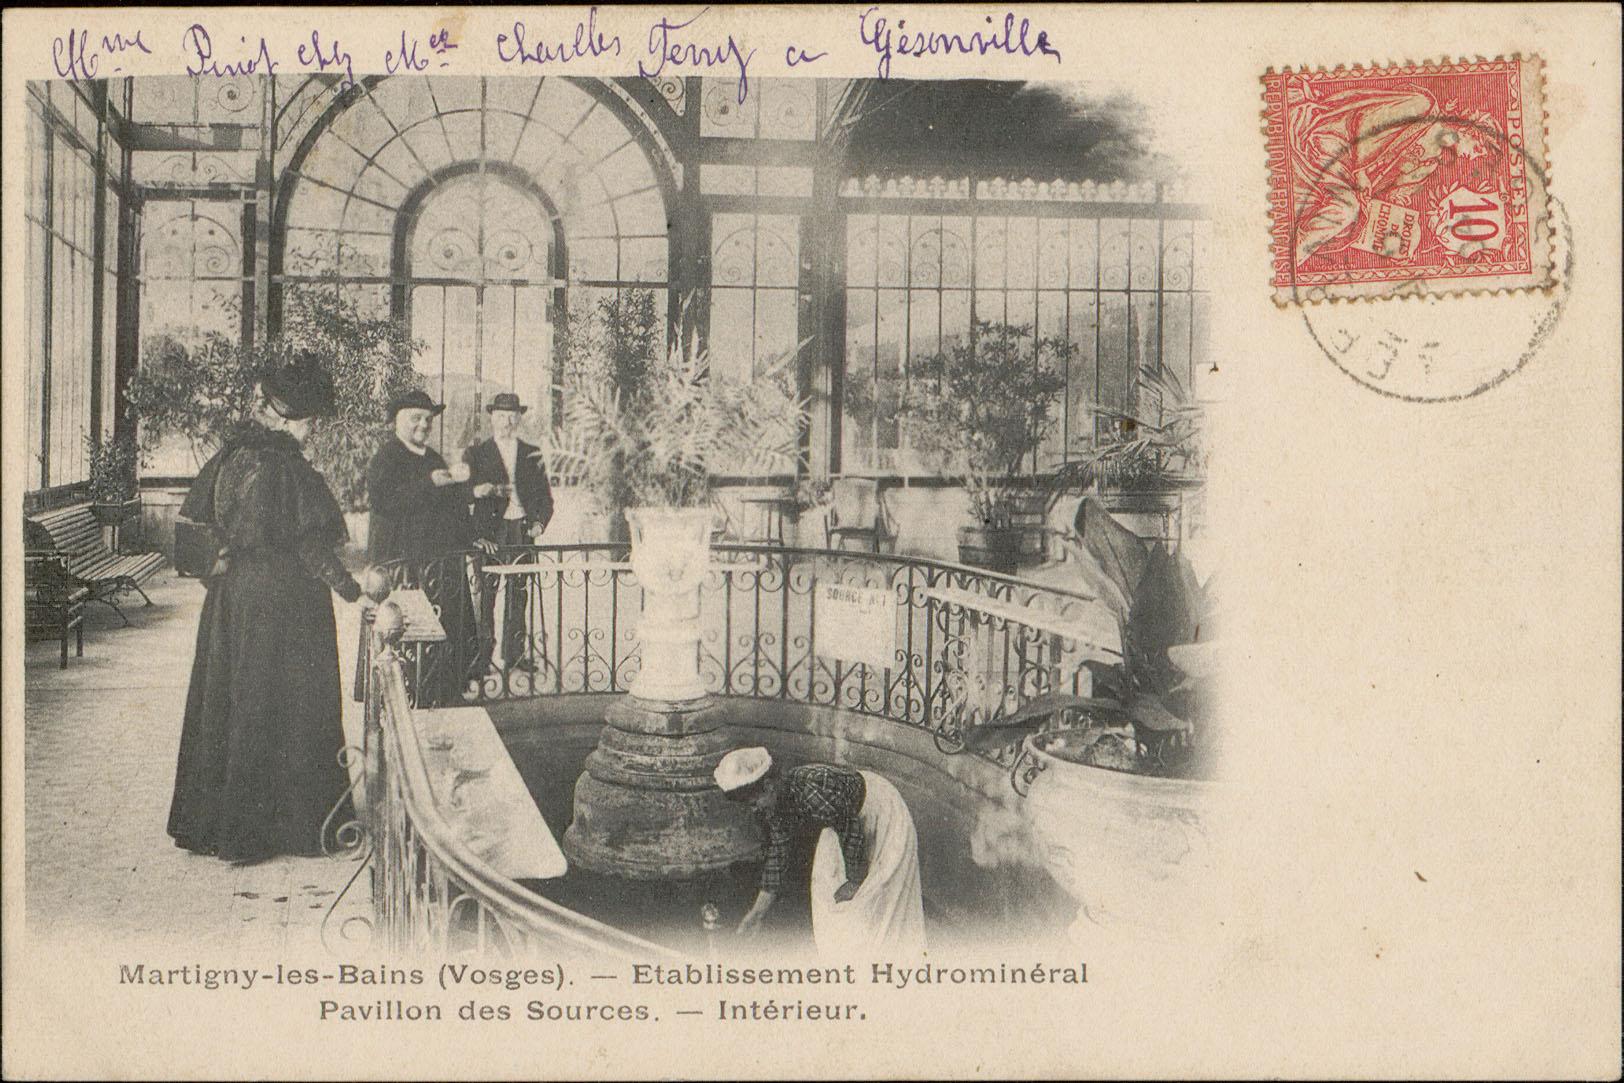 Contenu du Martigny-les-Bains (Vosges), Etablissement Hydrominéral, Pavillon des Sources, Intérieur